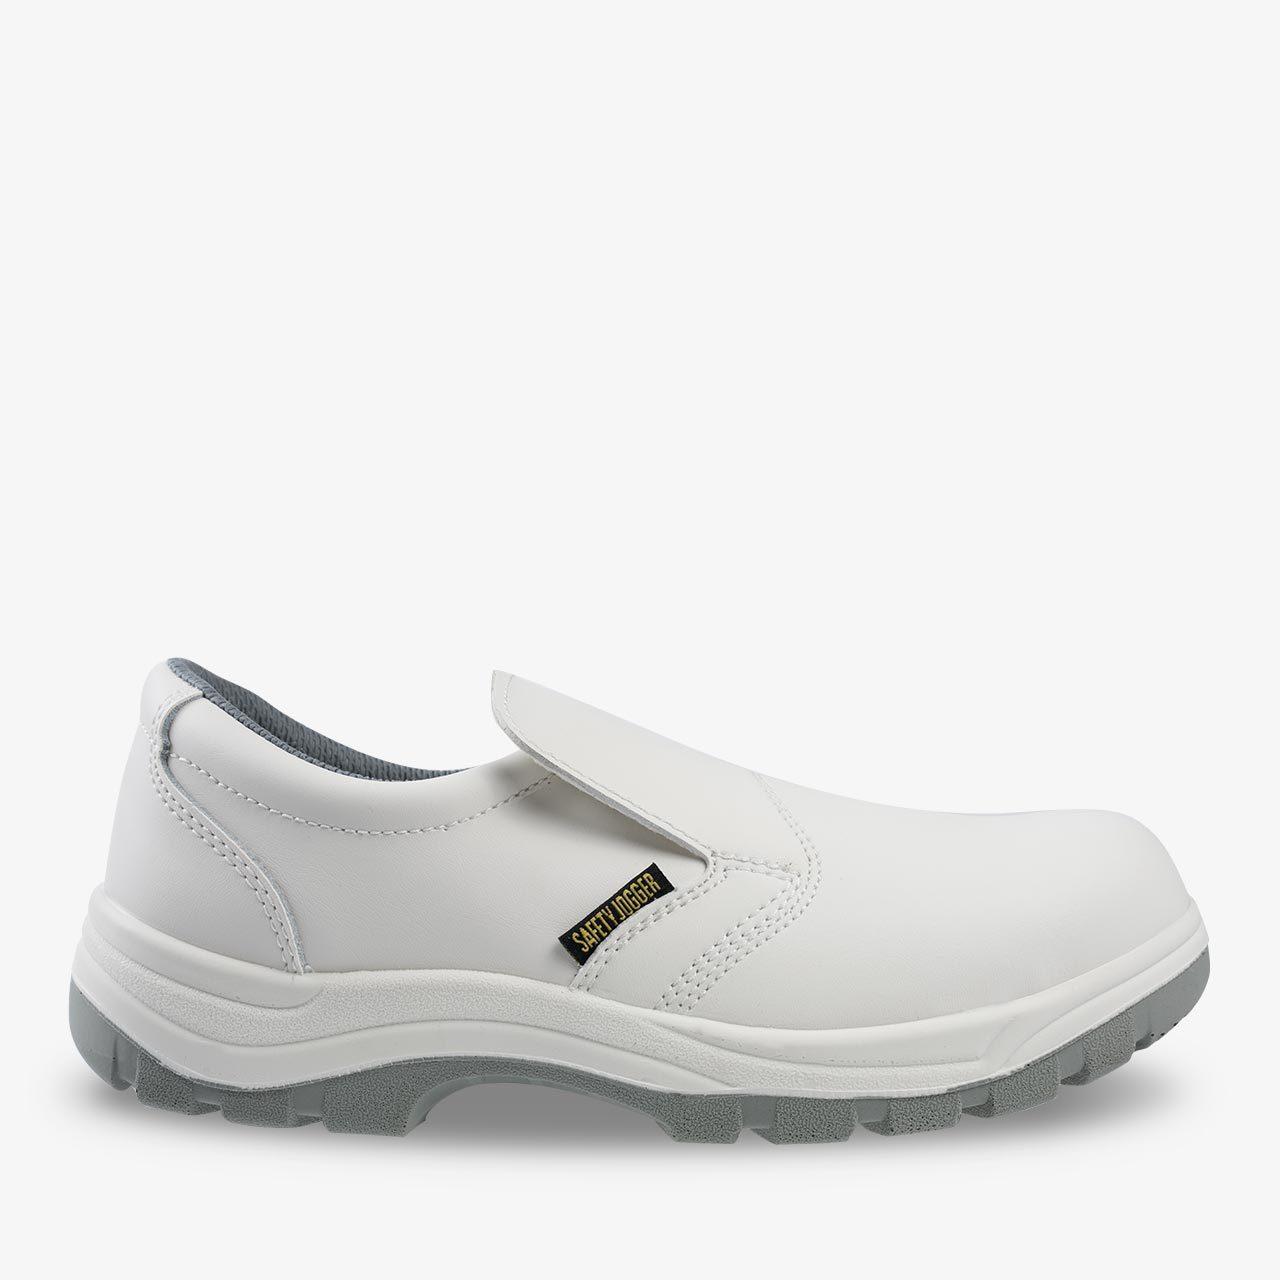 Chaussures de sécurité blanches X0500